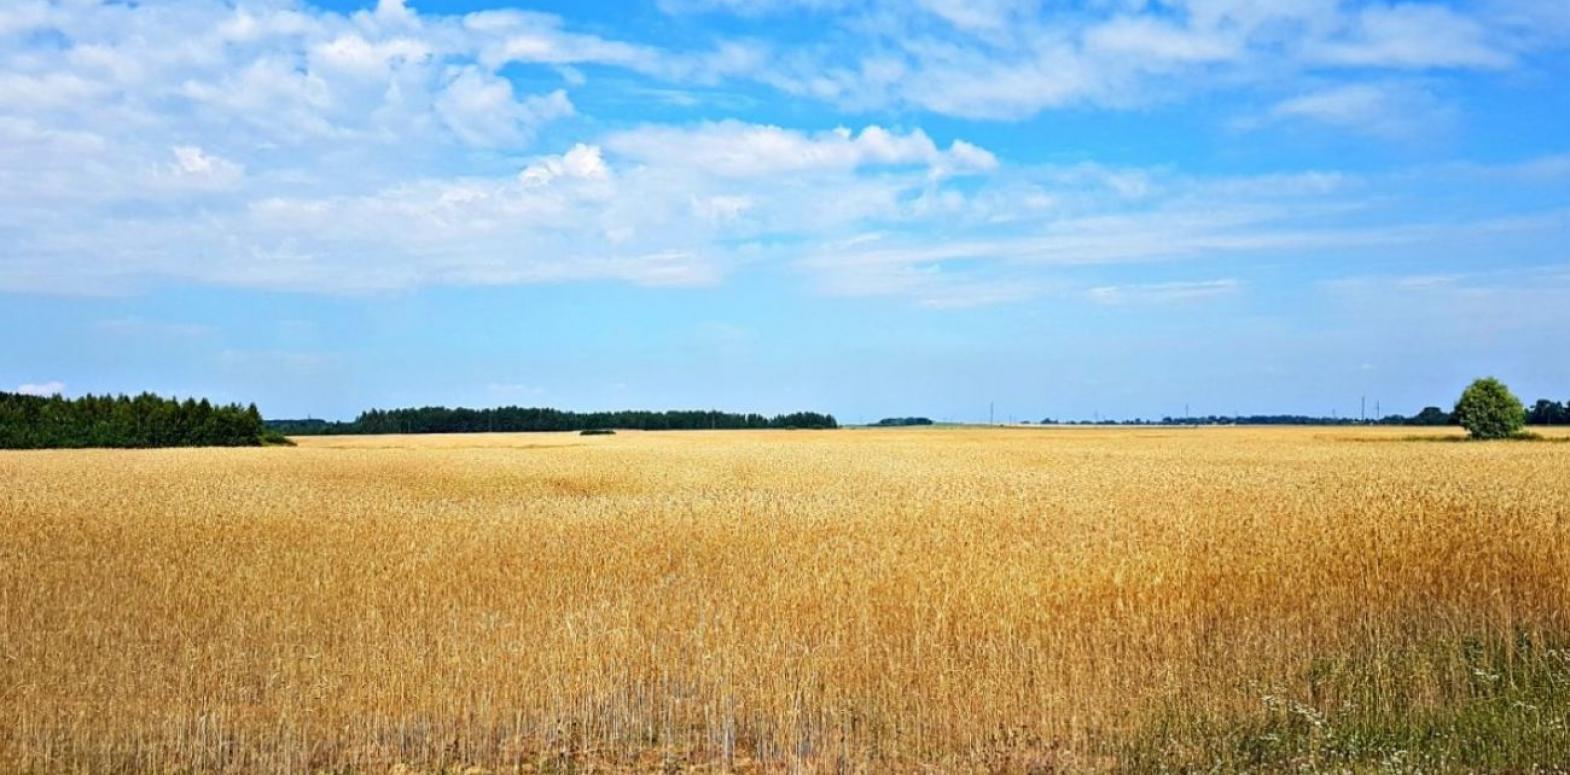 Украинцев предупредили о возможности потери земельных участков и паев: как это предотвратить